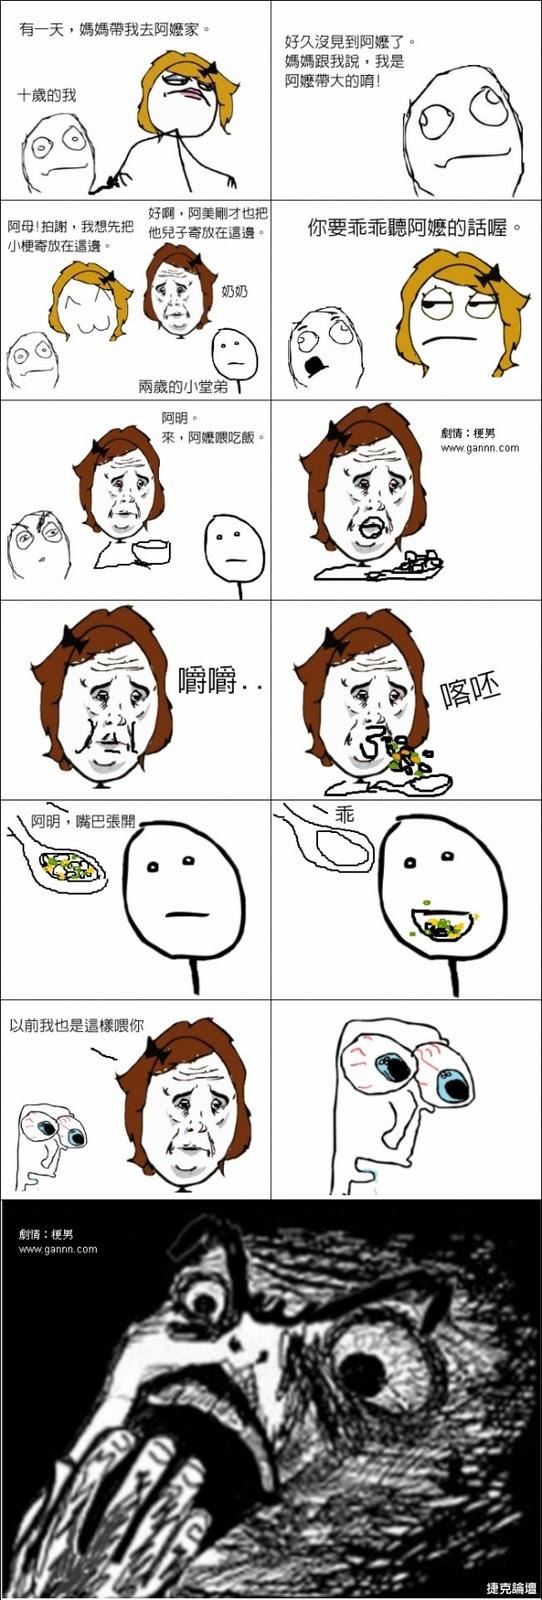 梗男搞笑漫畫